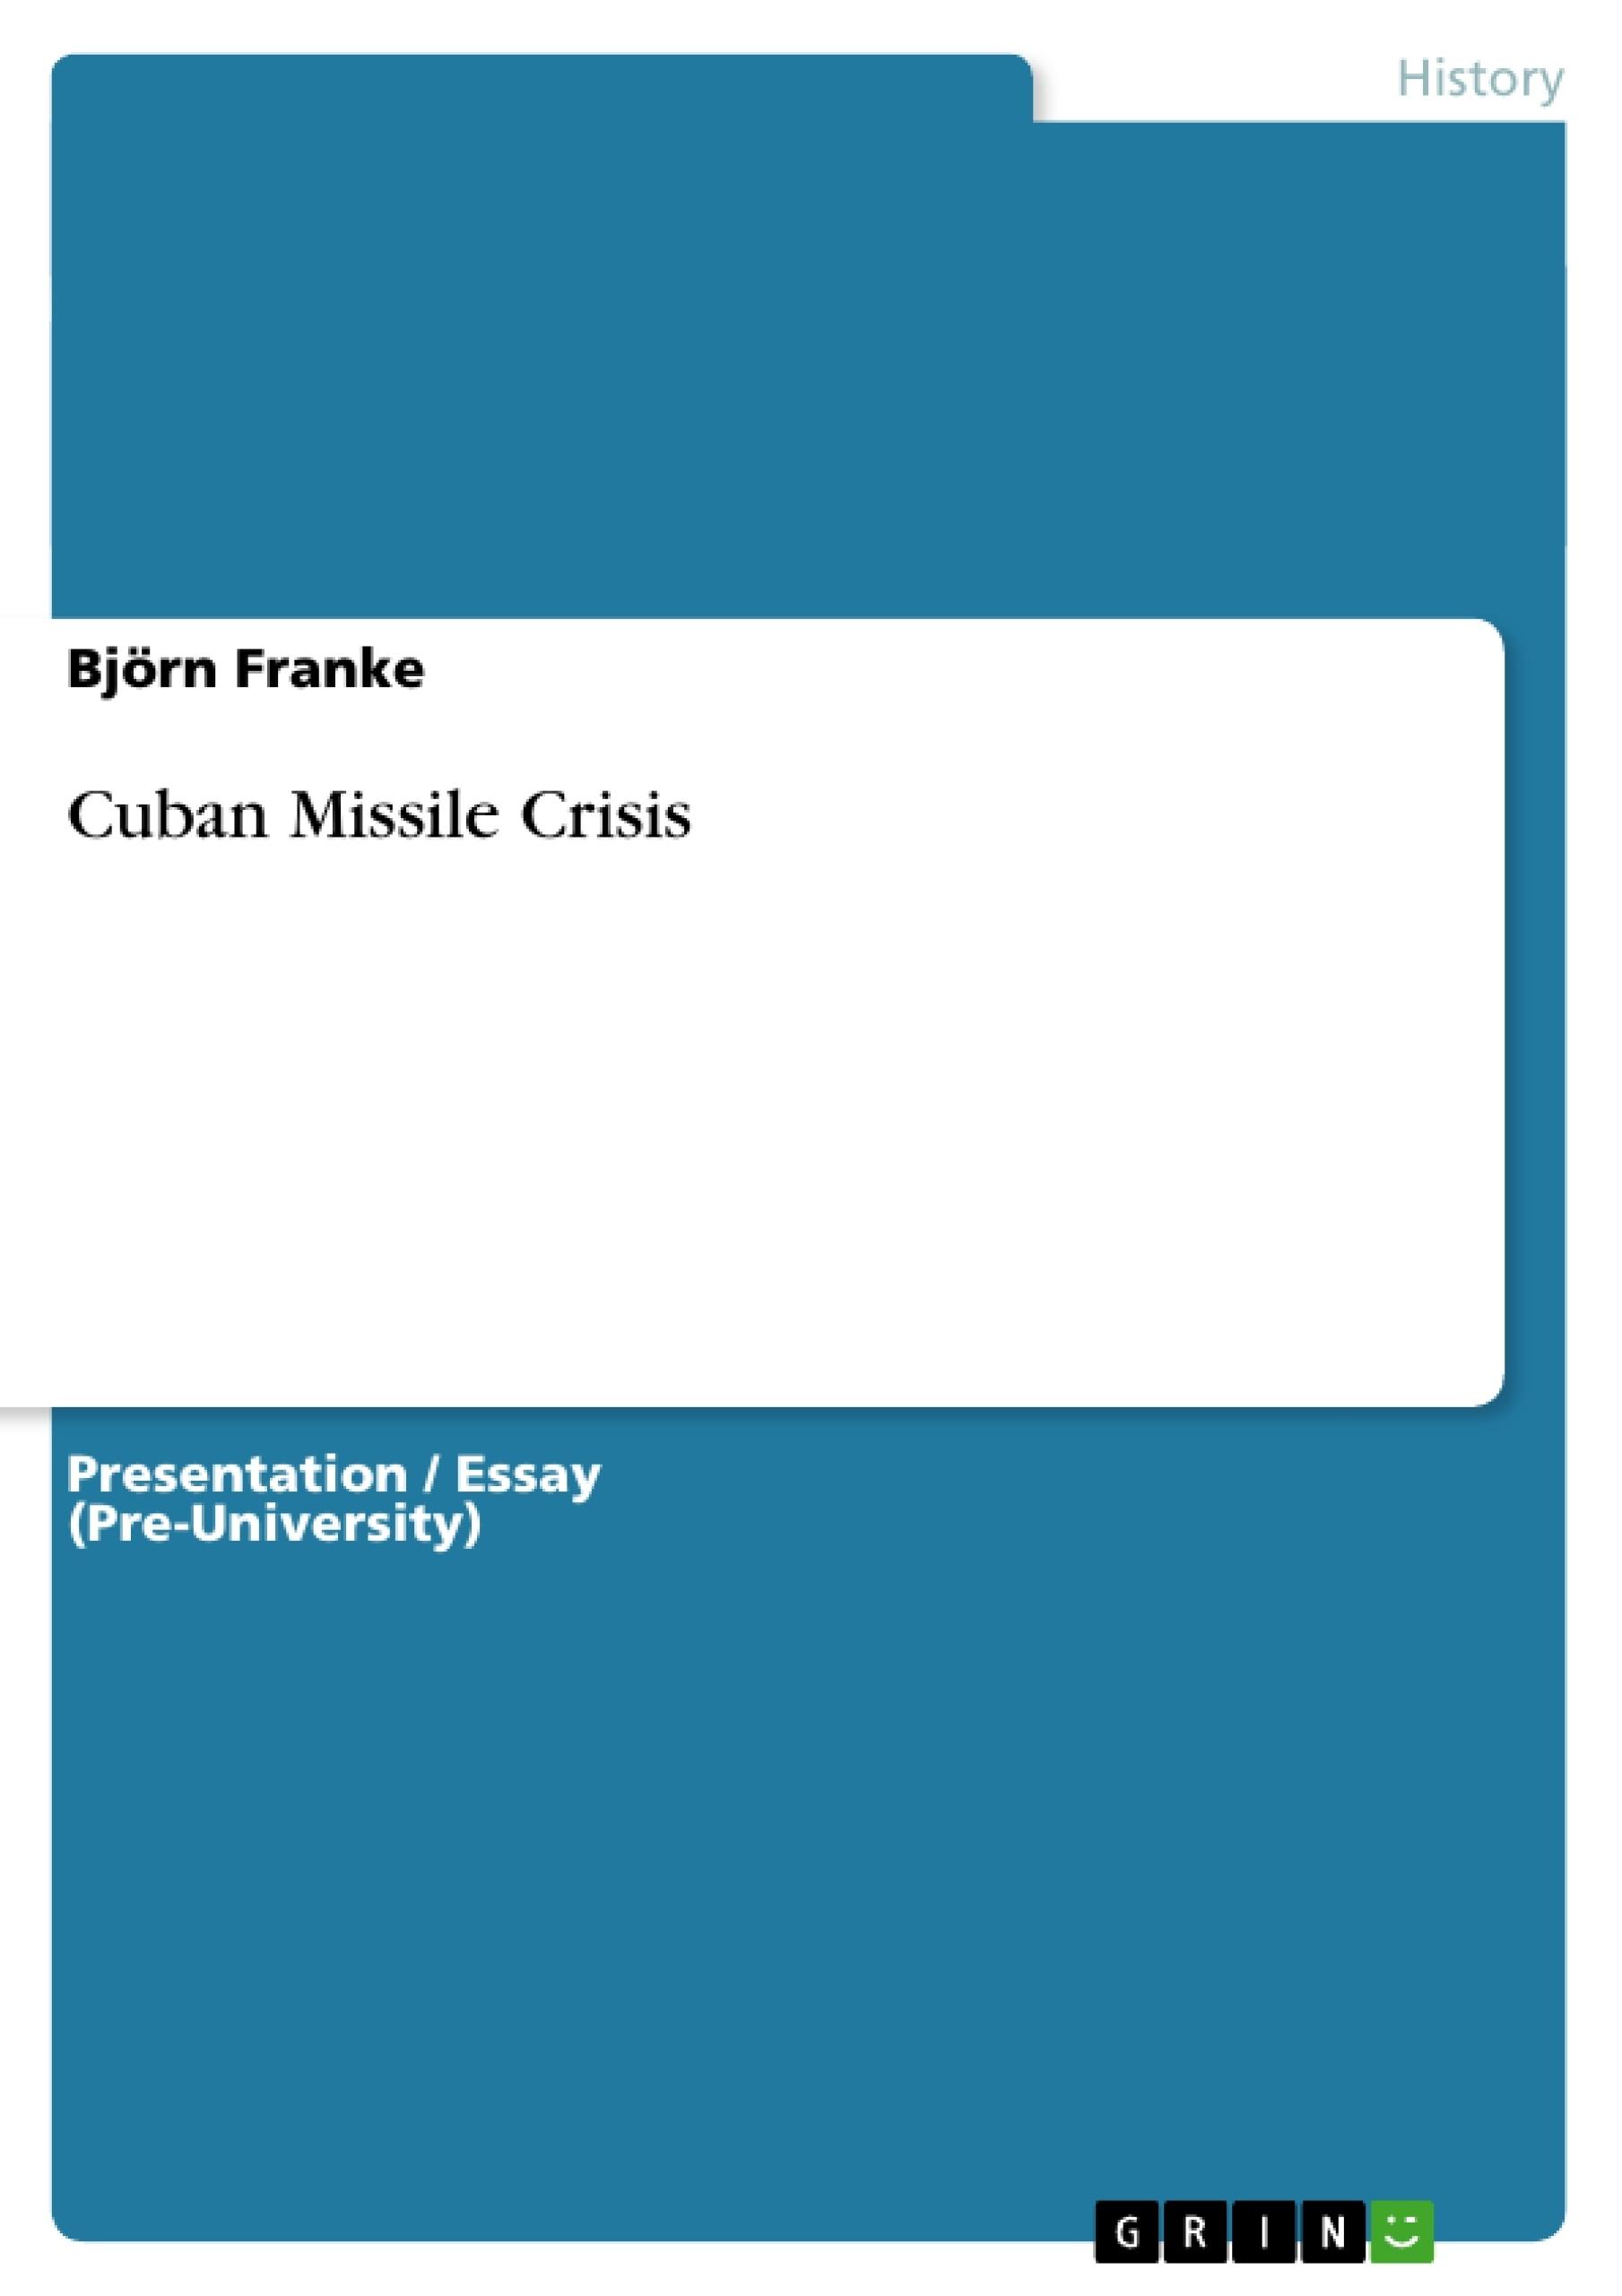 Title: Cuban Missile Crisis